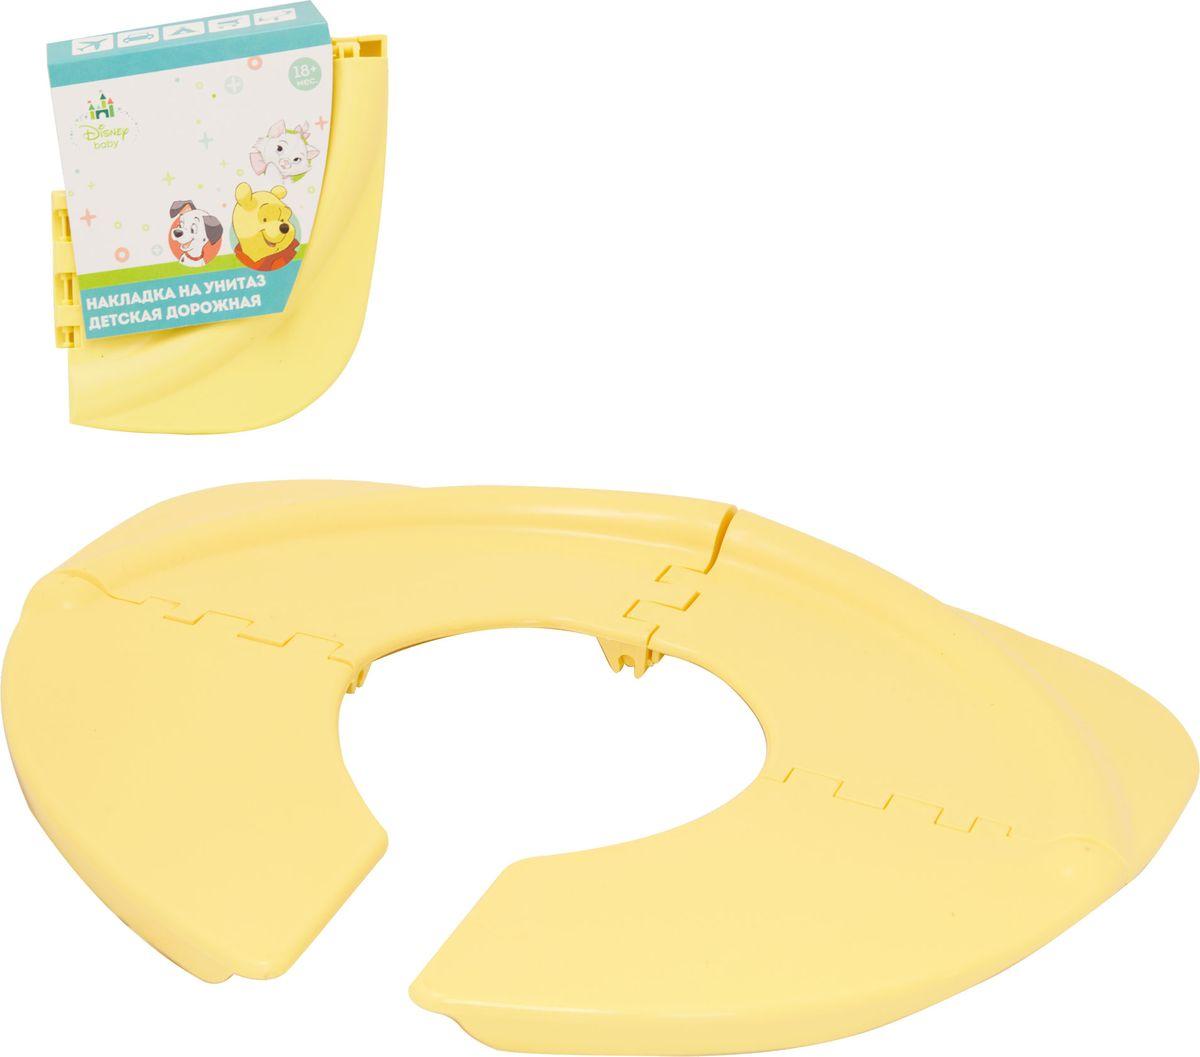 Disney Накладка на унитаз складная цвет банановый -  Горшки и адаптеры для унитаза